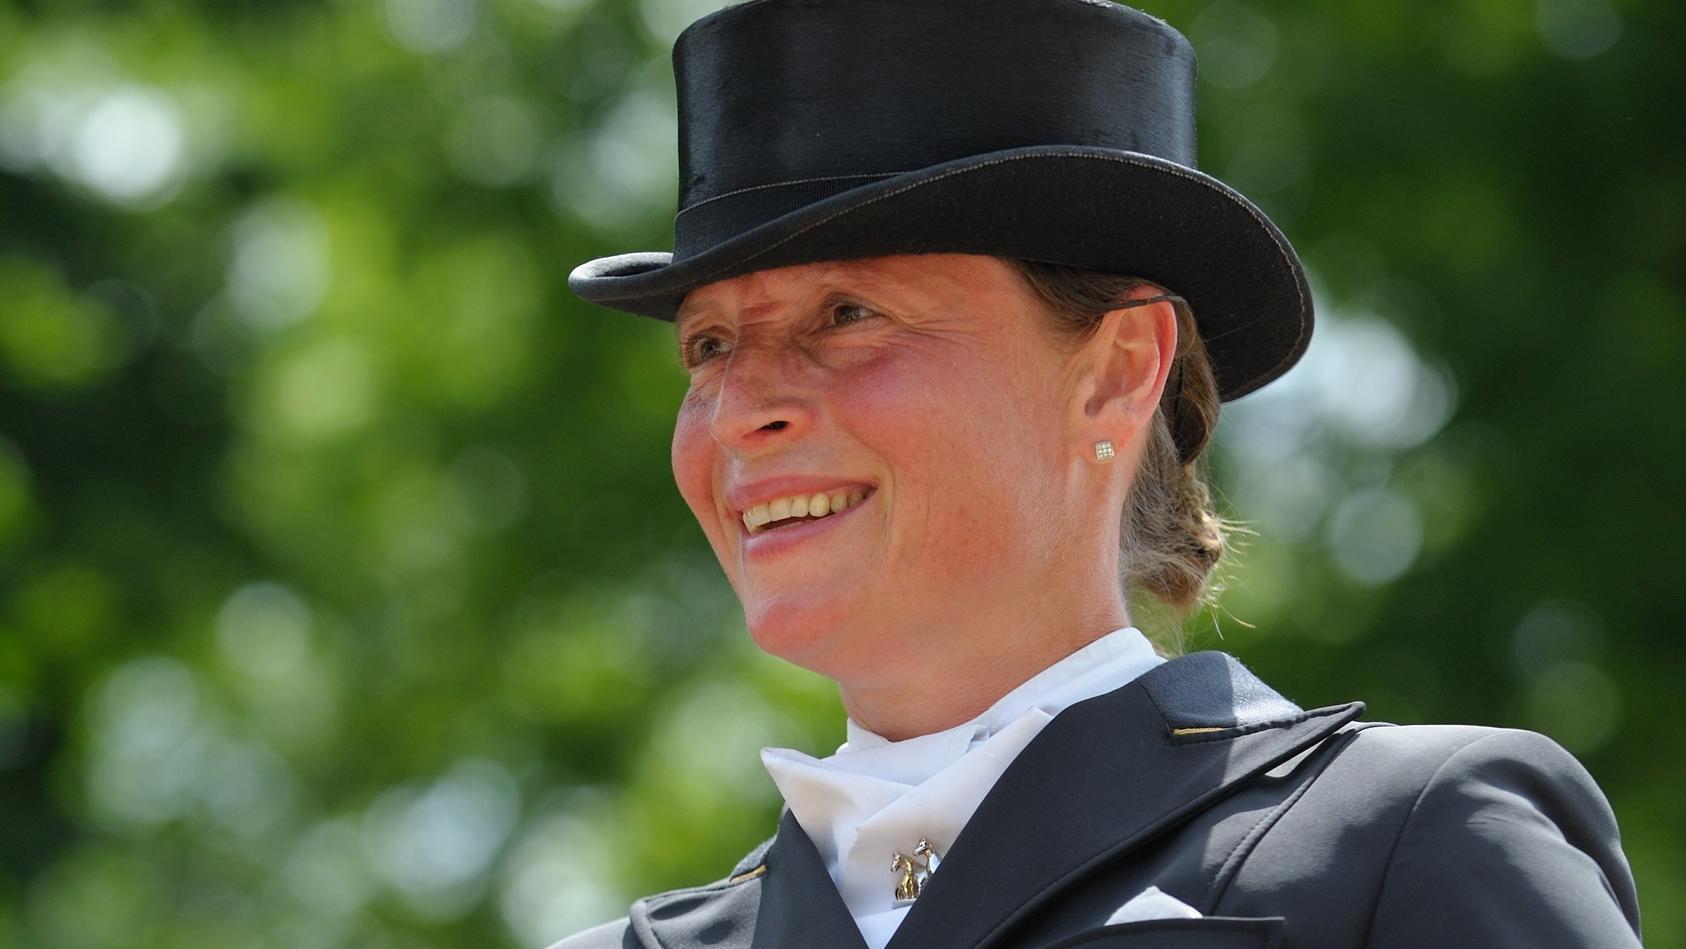 Pfingstturnier Wiesbaden - Isabell Werth